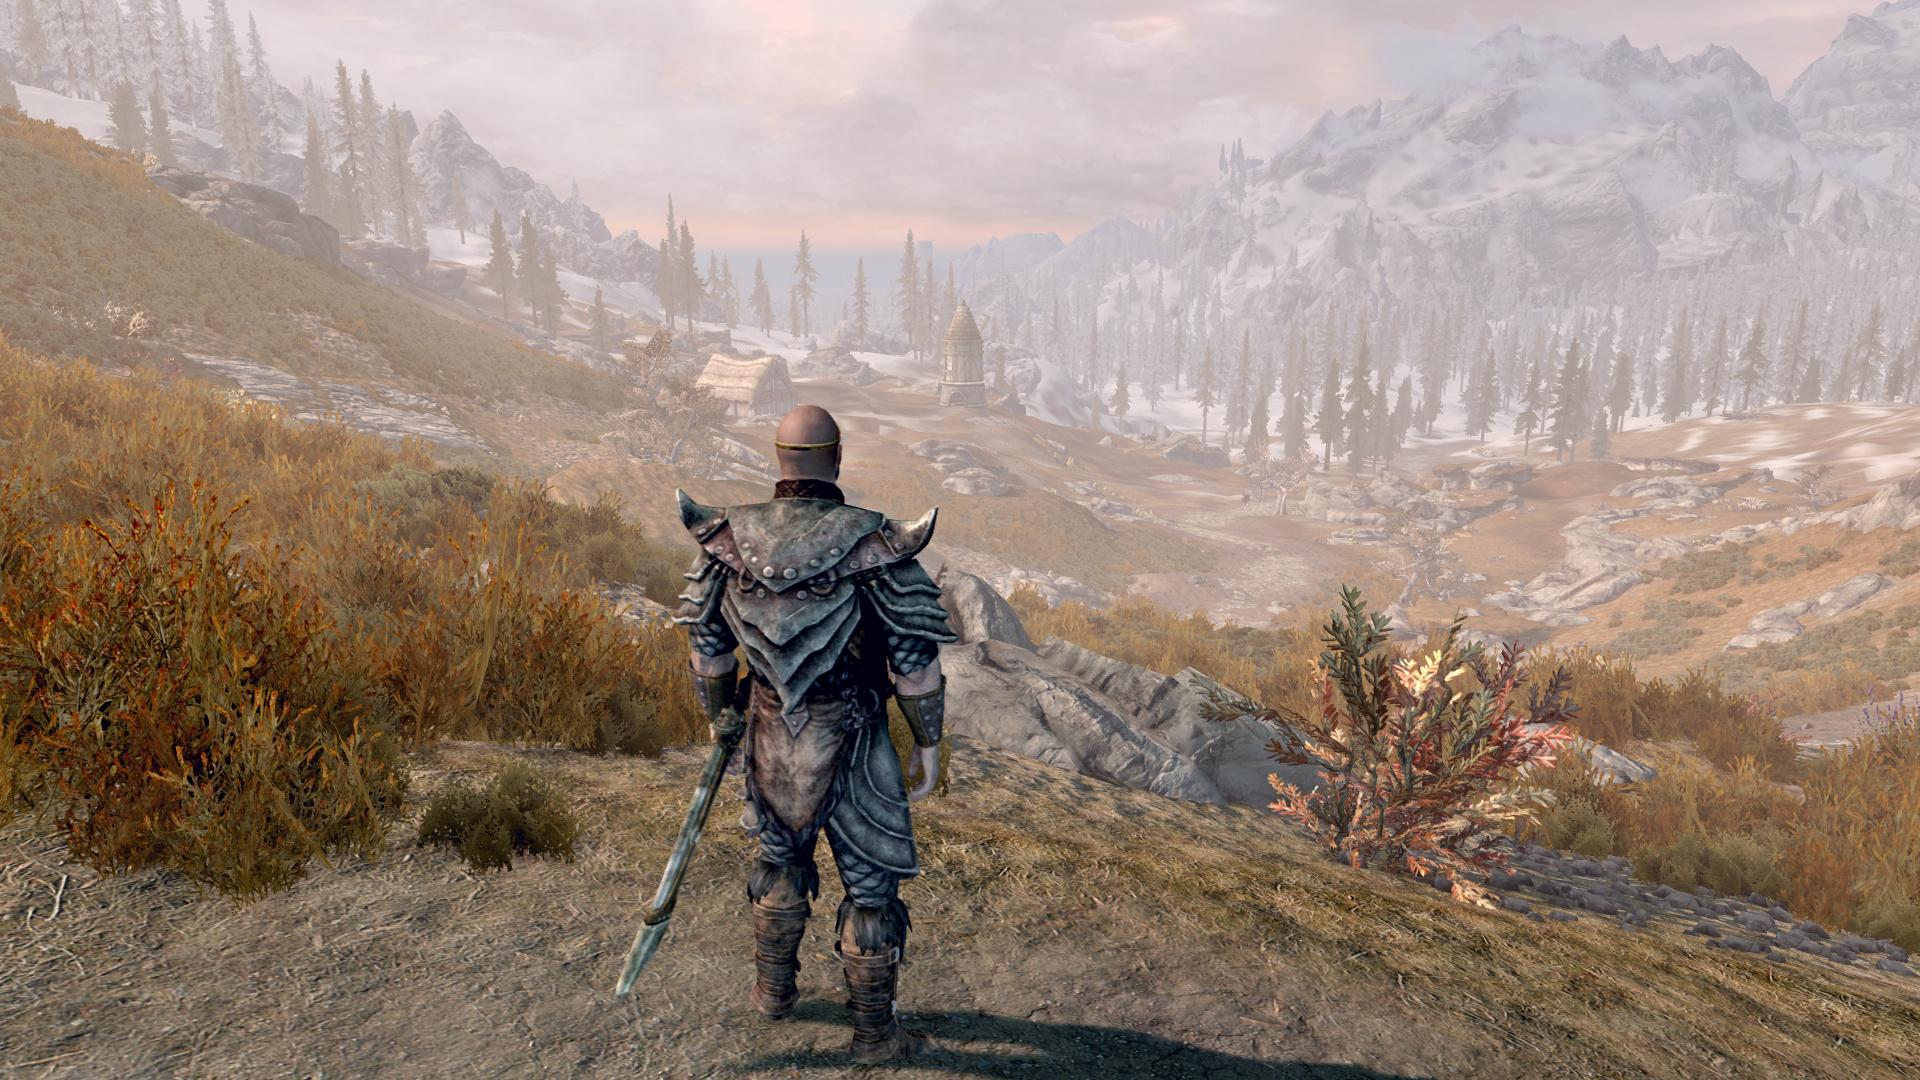 SkyrimSE 2019-11-26 23-17-35-20.jpg - The Elder Scrolls 5: Skyrim